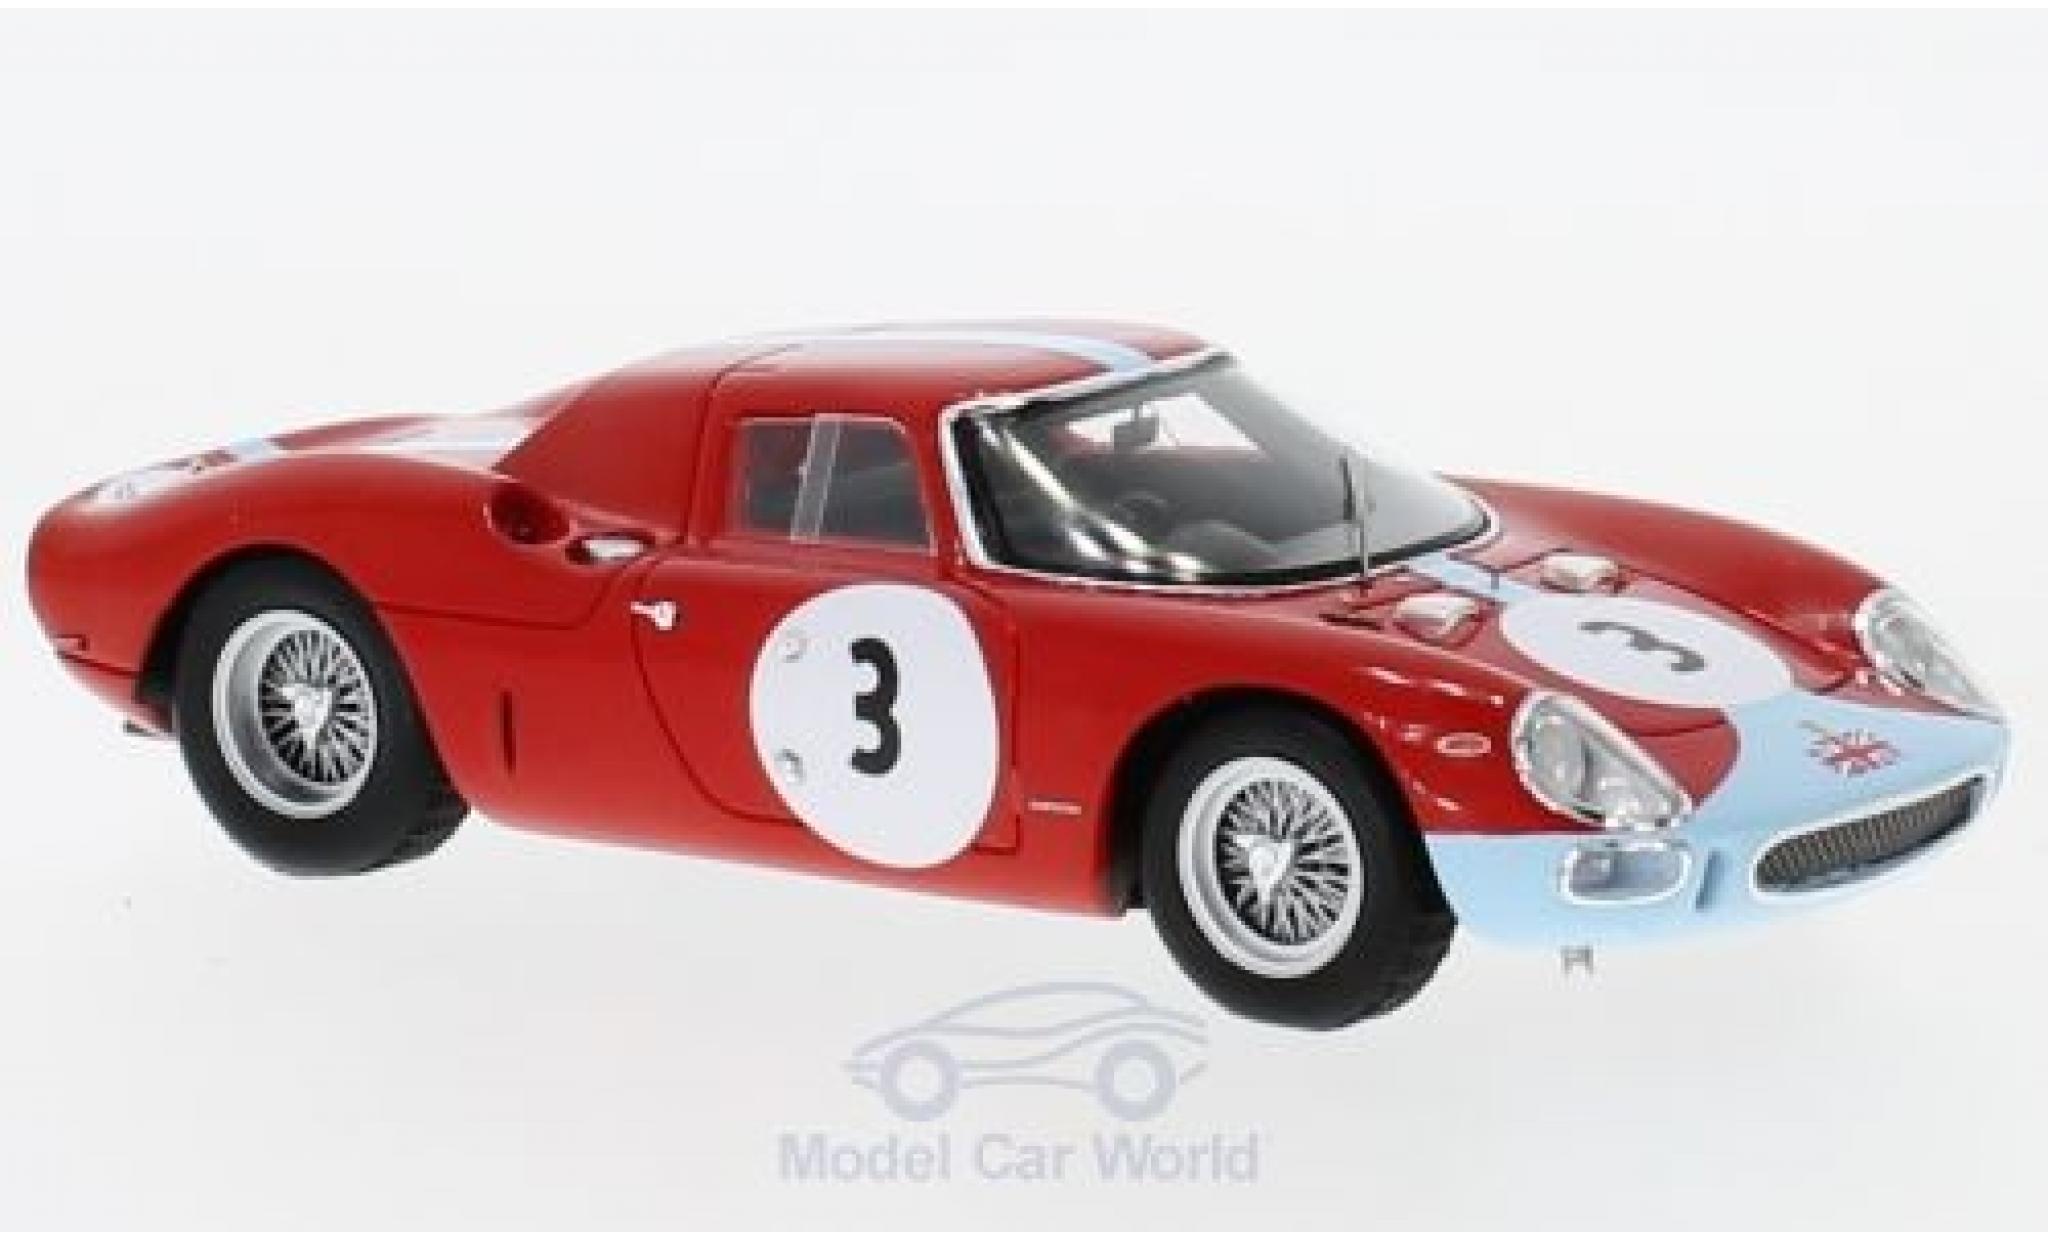 Ferrari 250 1/43 Look Smart LM RHD No.3 1000km Paris 1964 L.Scarfiotti/J.Stewart